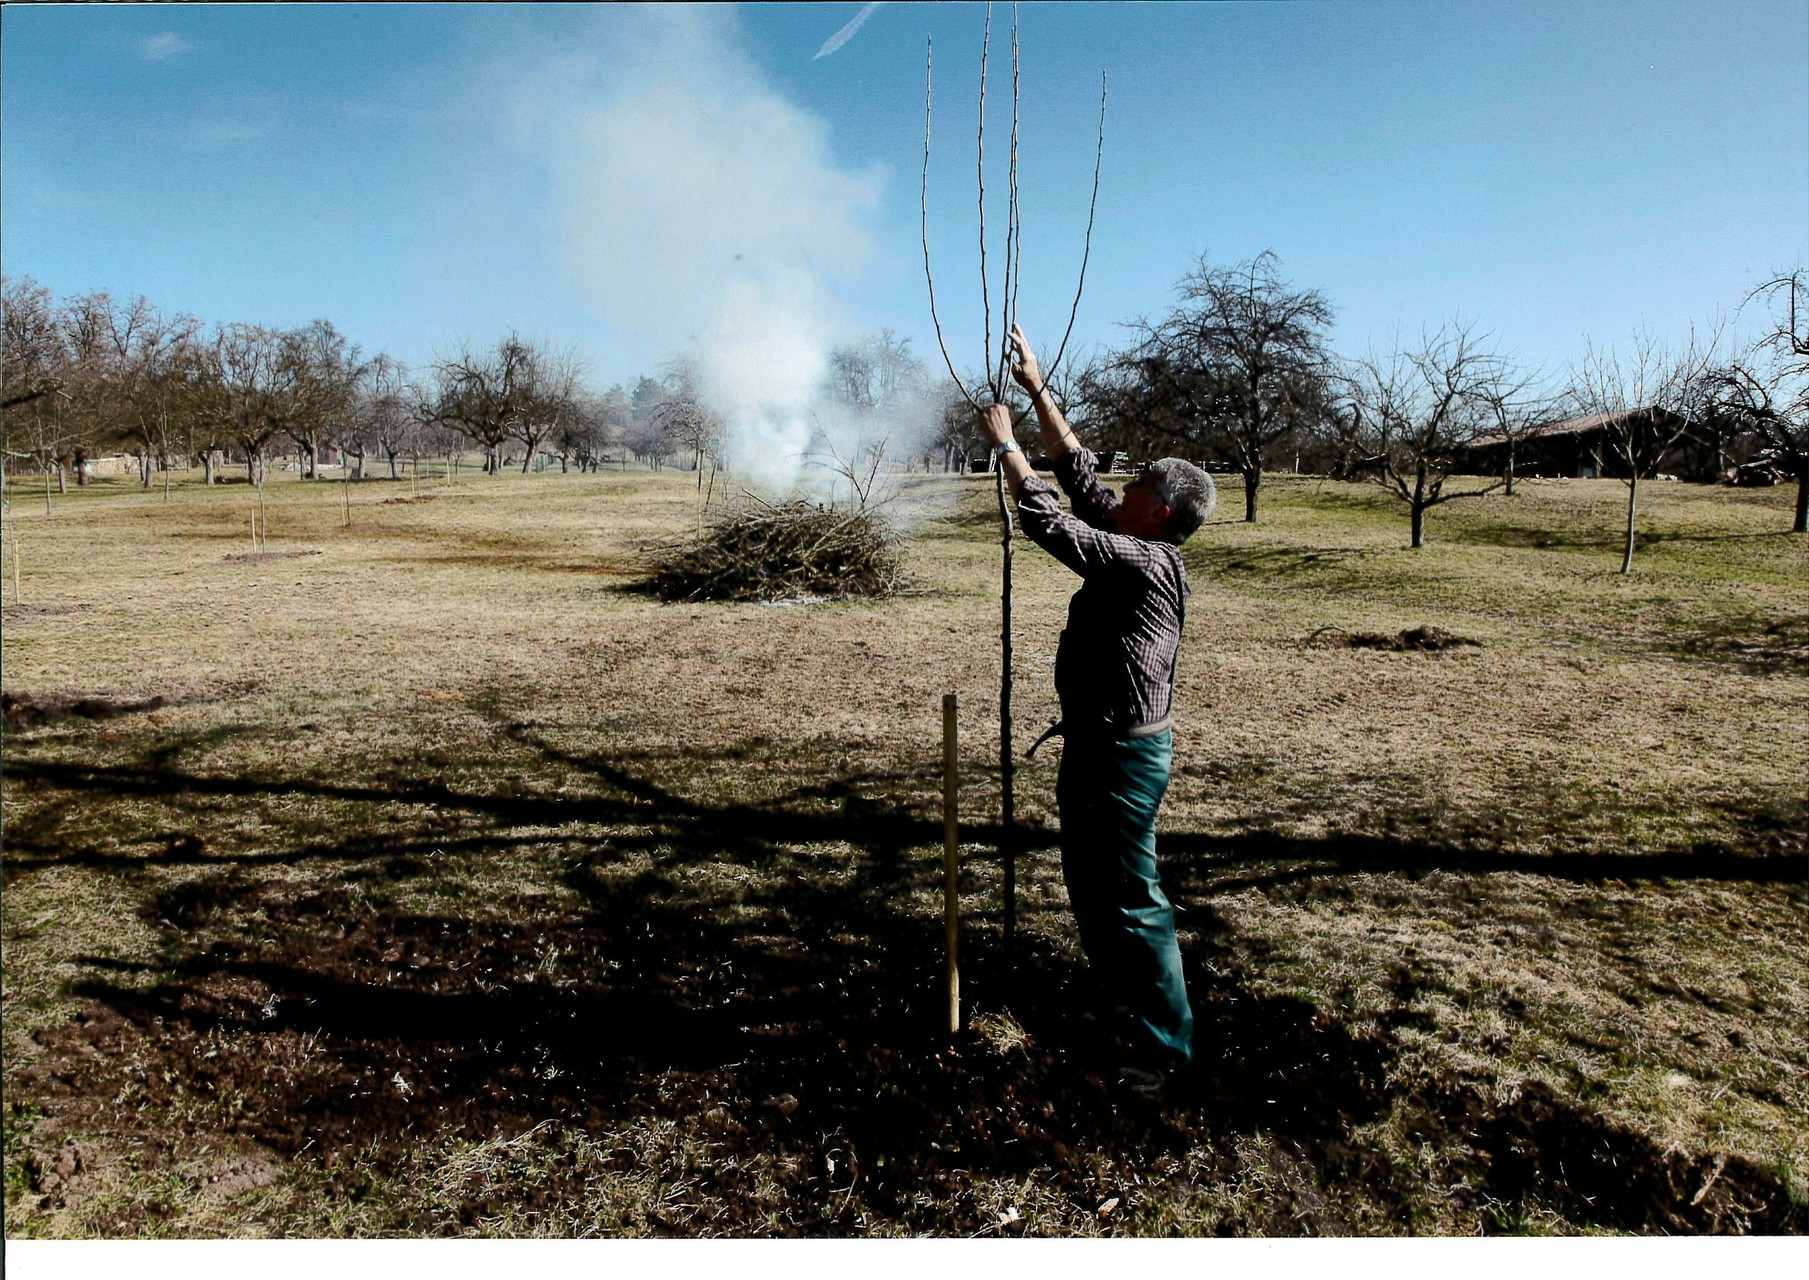 Während der Baumschnitt verbrennt wird schon der nächste Baum gepflanzt